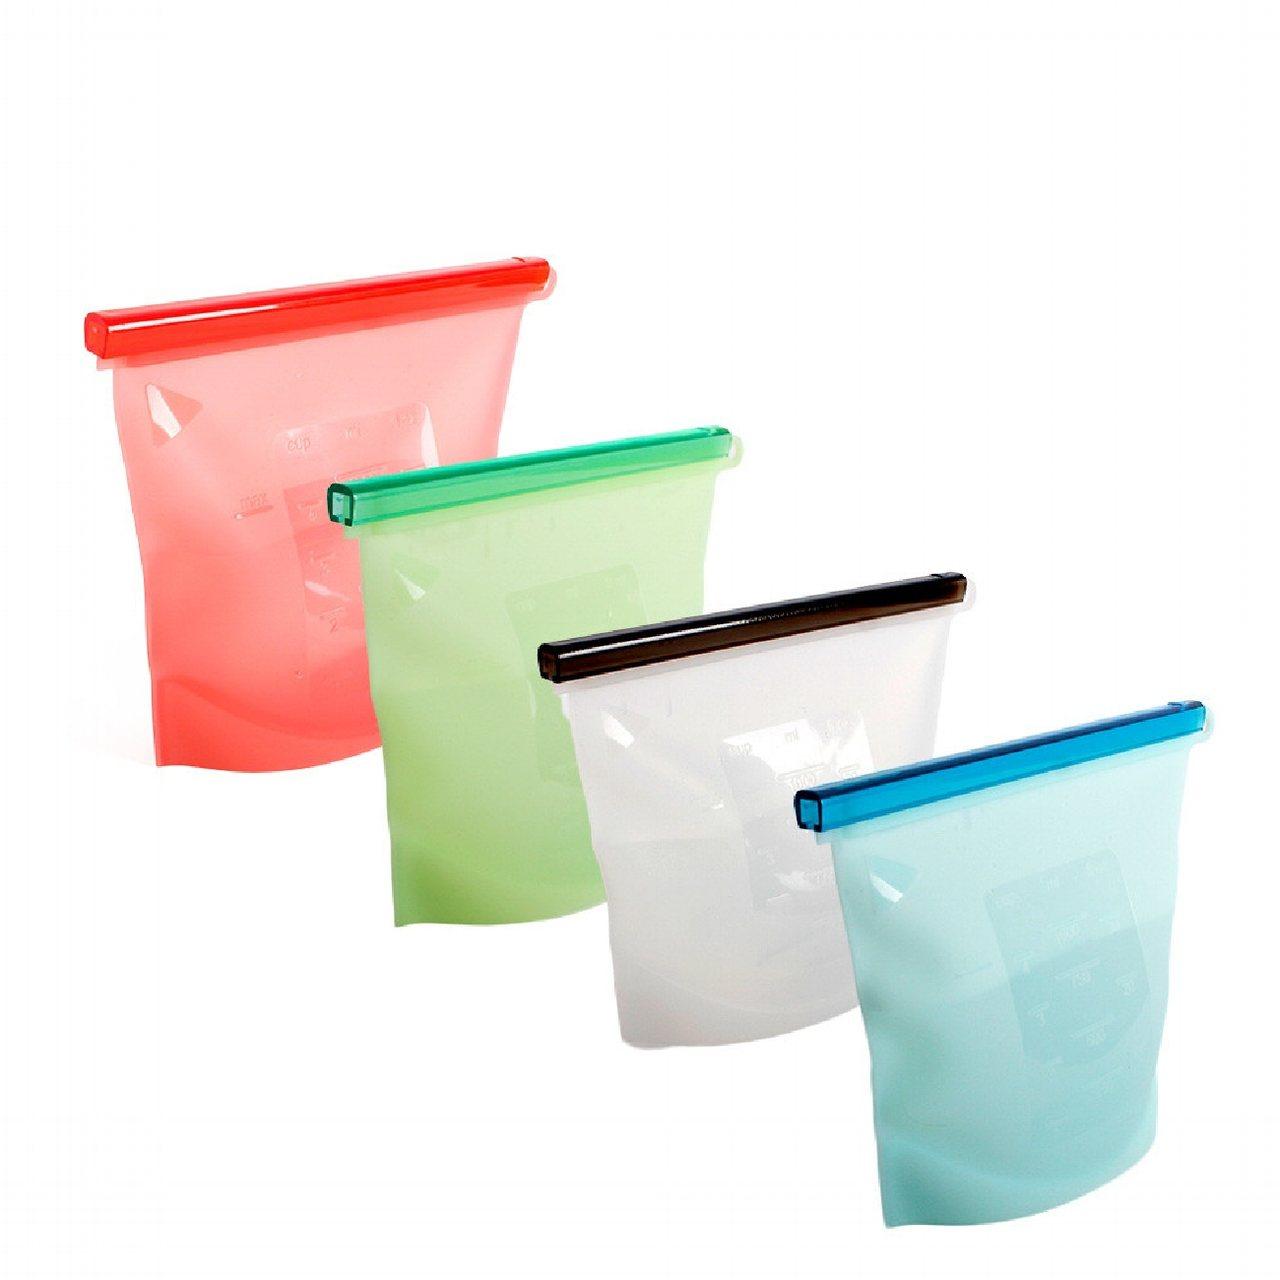 OUTSY嚴選白金矽膠食物密封袋4入組,6.3折特價950元。圖/PChome2...